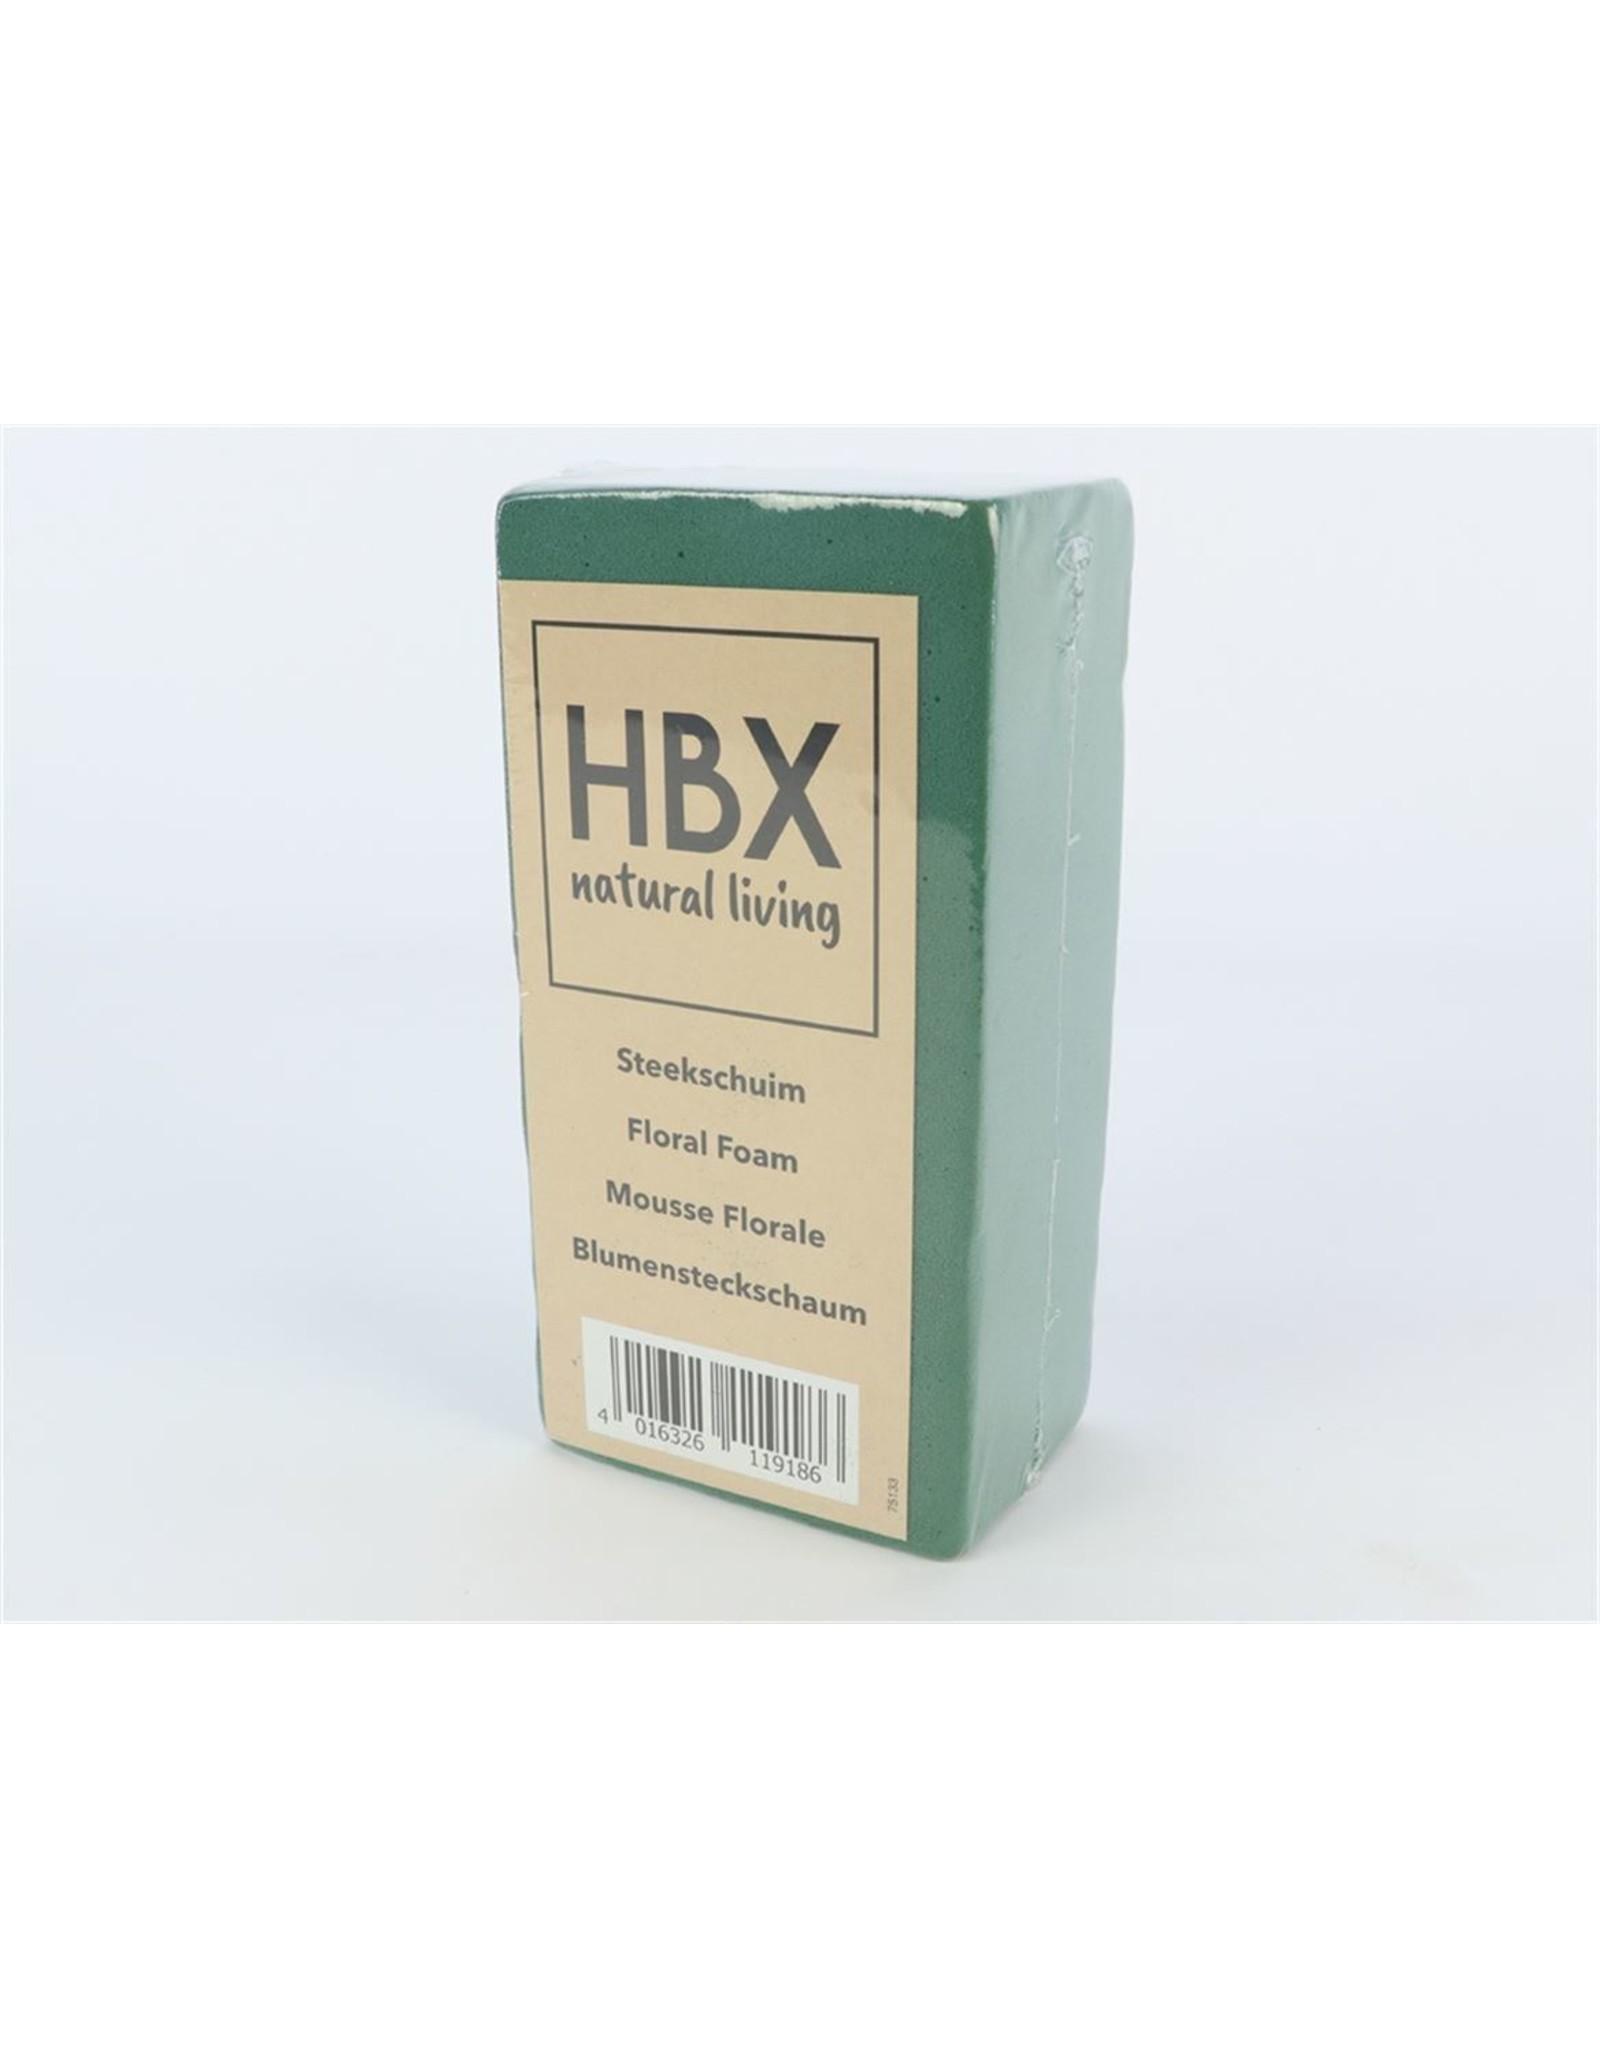 HD Basic Brick Sld Foam L20.0w10.0h7.5 x 20